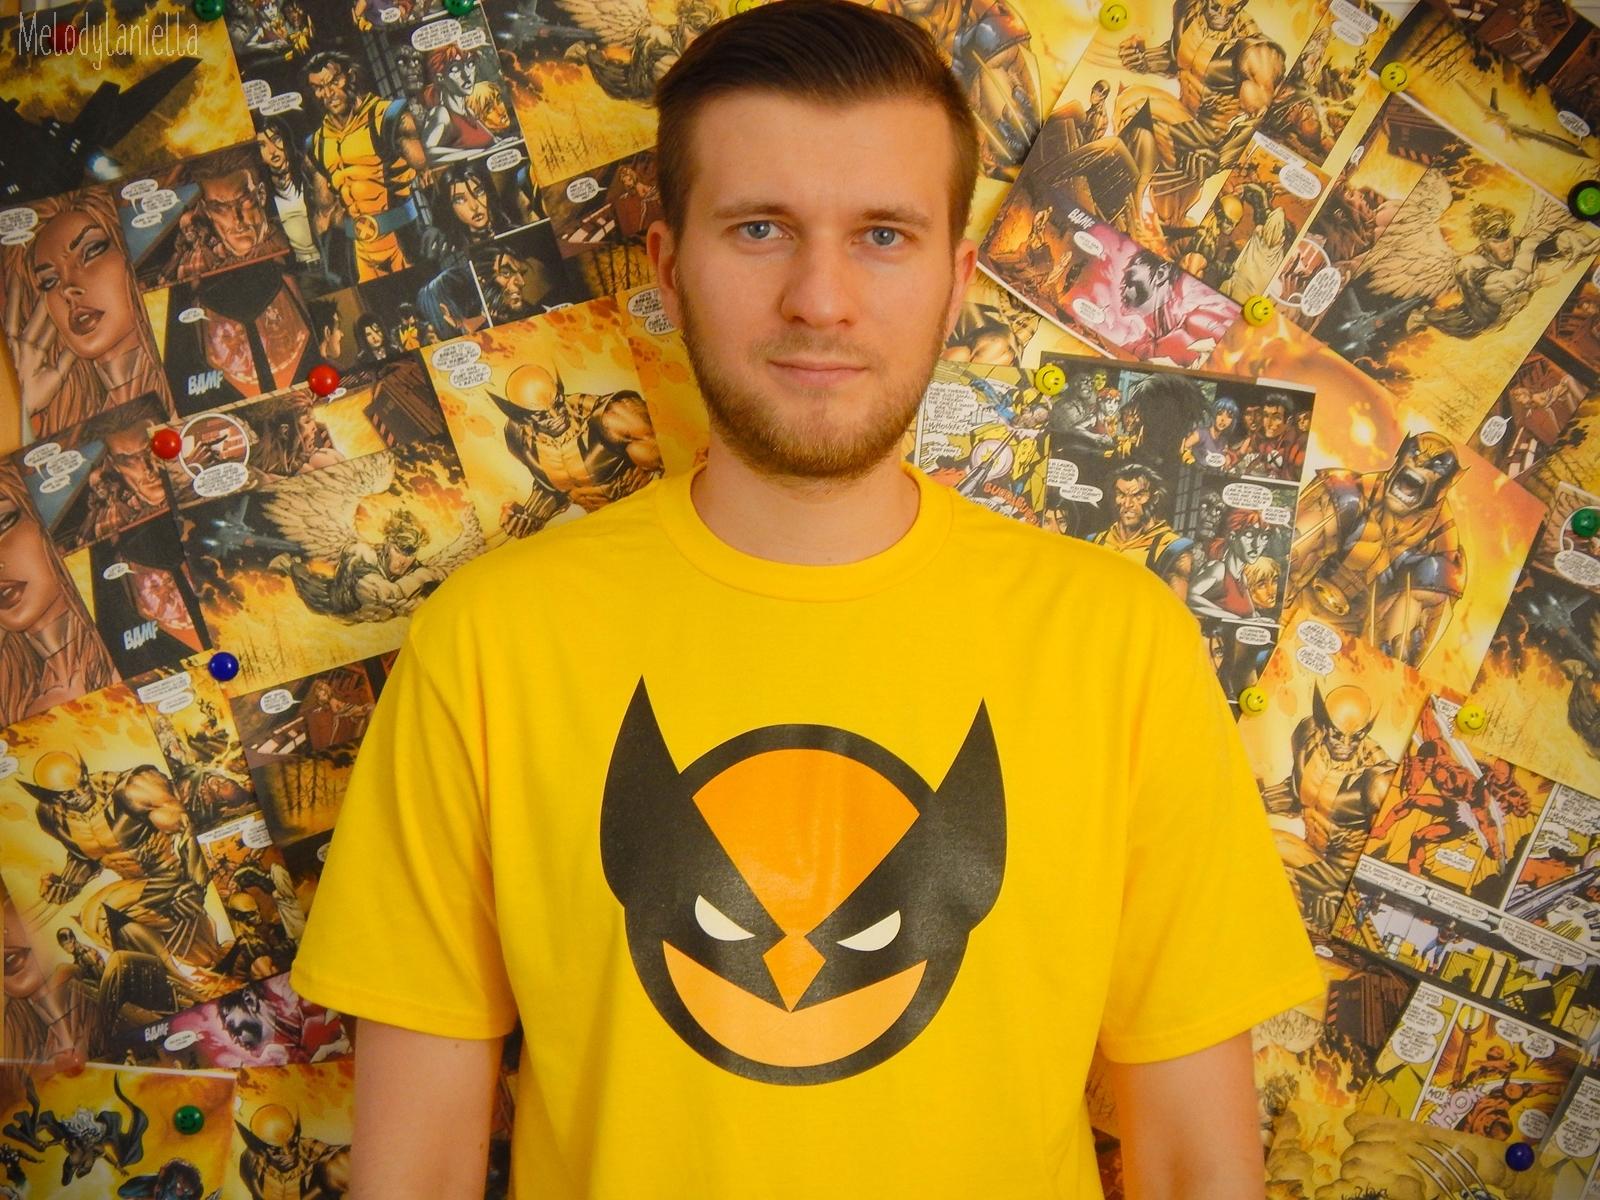 wolverine koszulka dla fanow komiksow i filmow deadpool koszulkowo stylowe ubrania dla geek